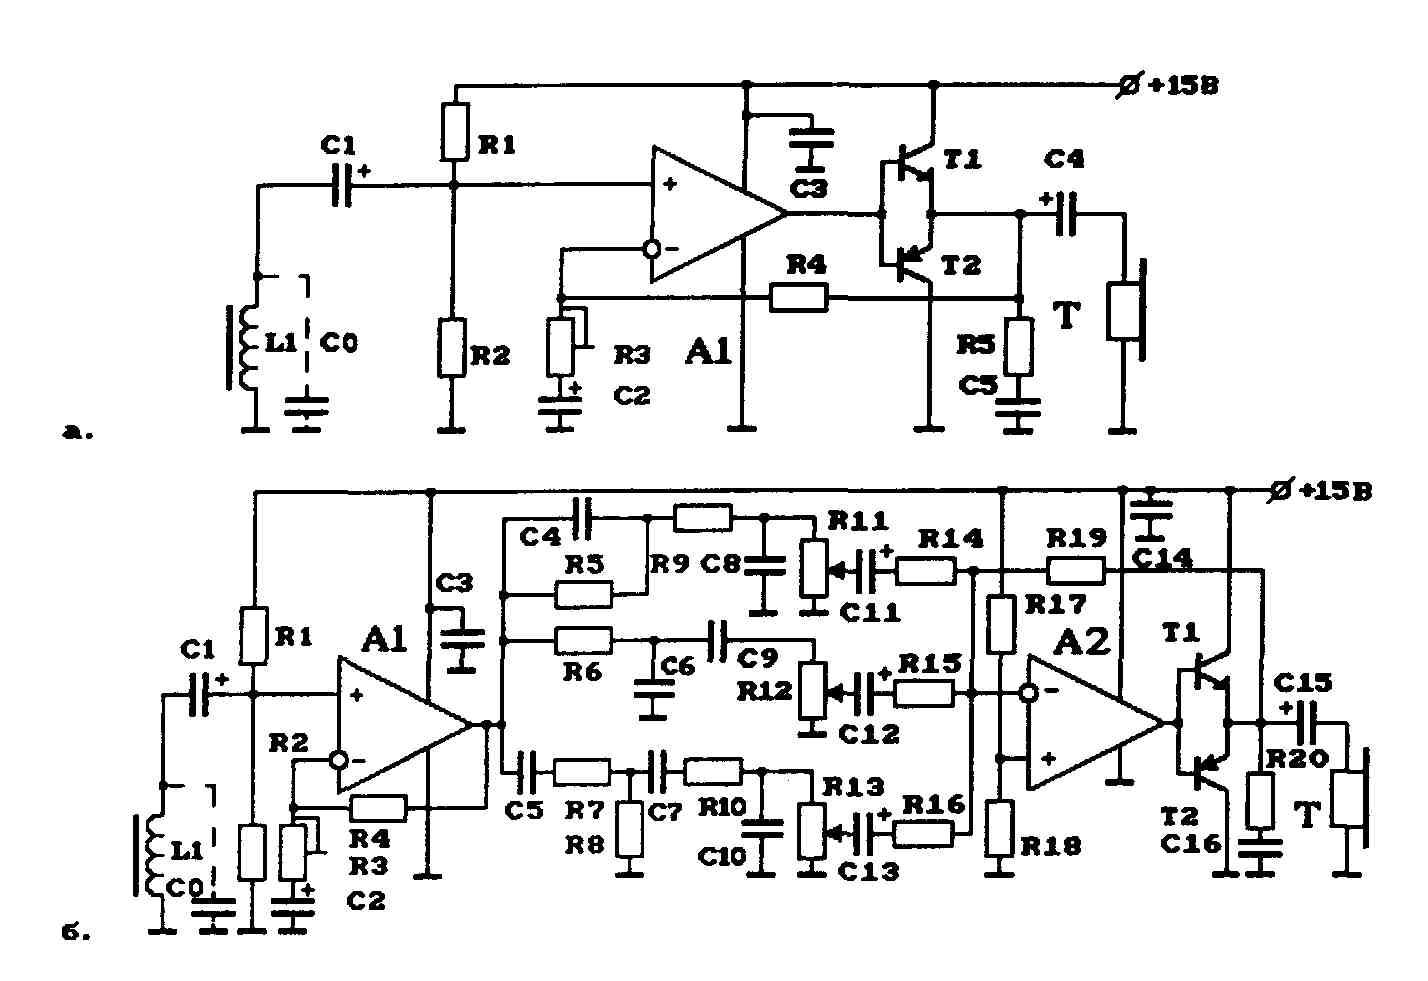 жучки, жучок, передатчик, прослушка, прослушка жучки, схема передатчика, радио передатчик, радиопередатчик...